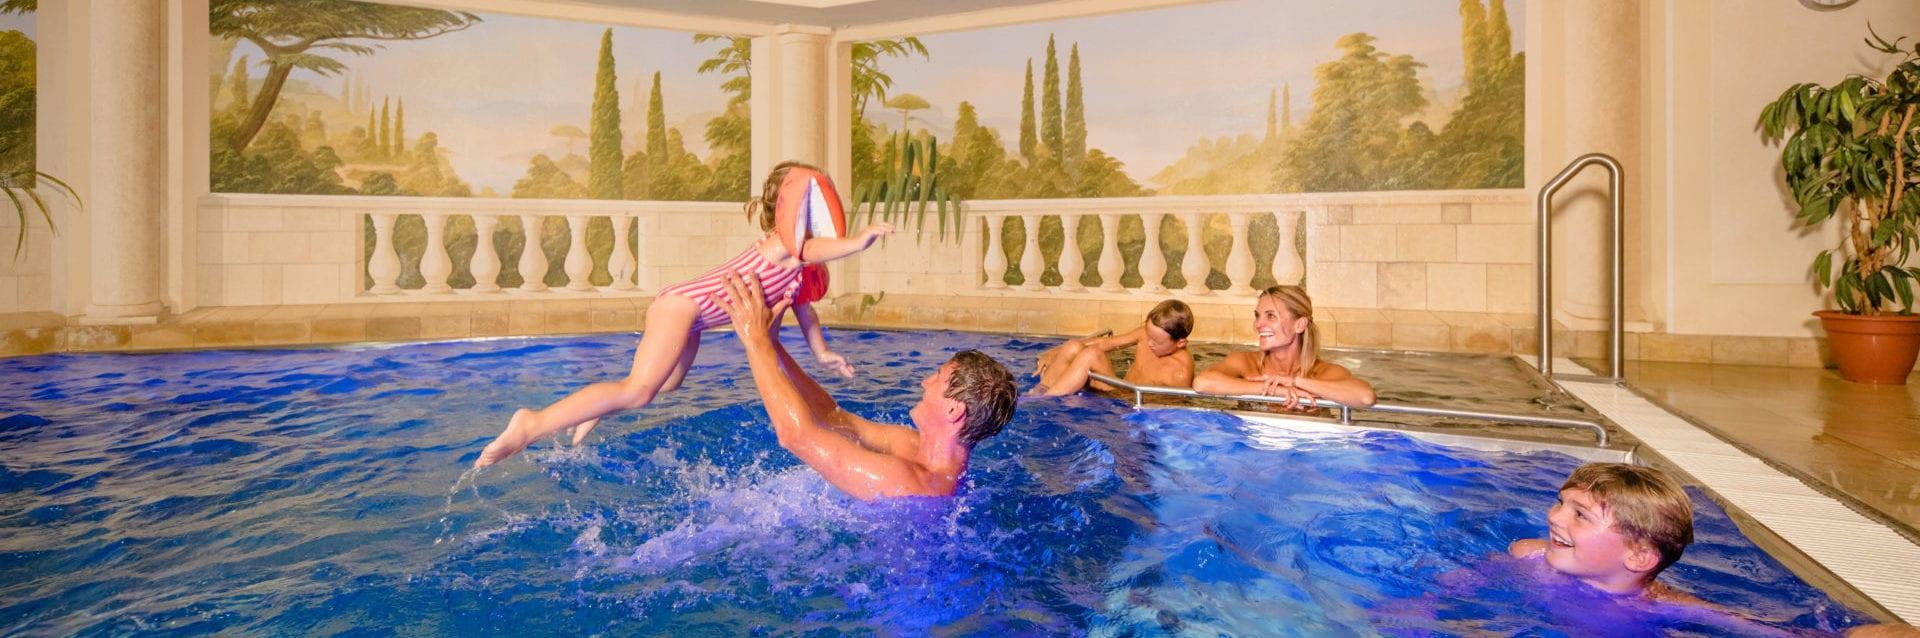 Familienhotel - Hotel Zauchensee Salzburger Hof